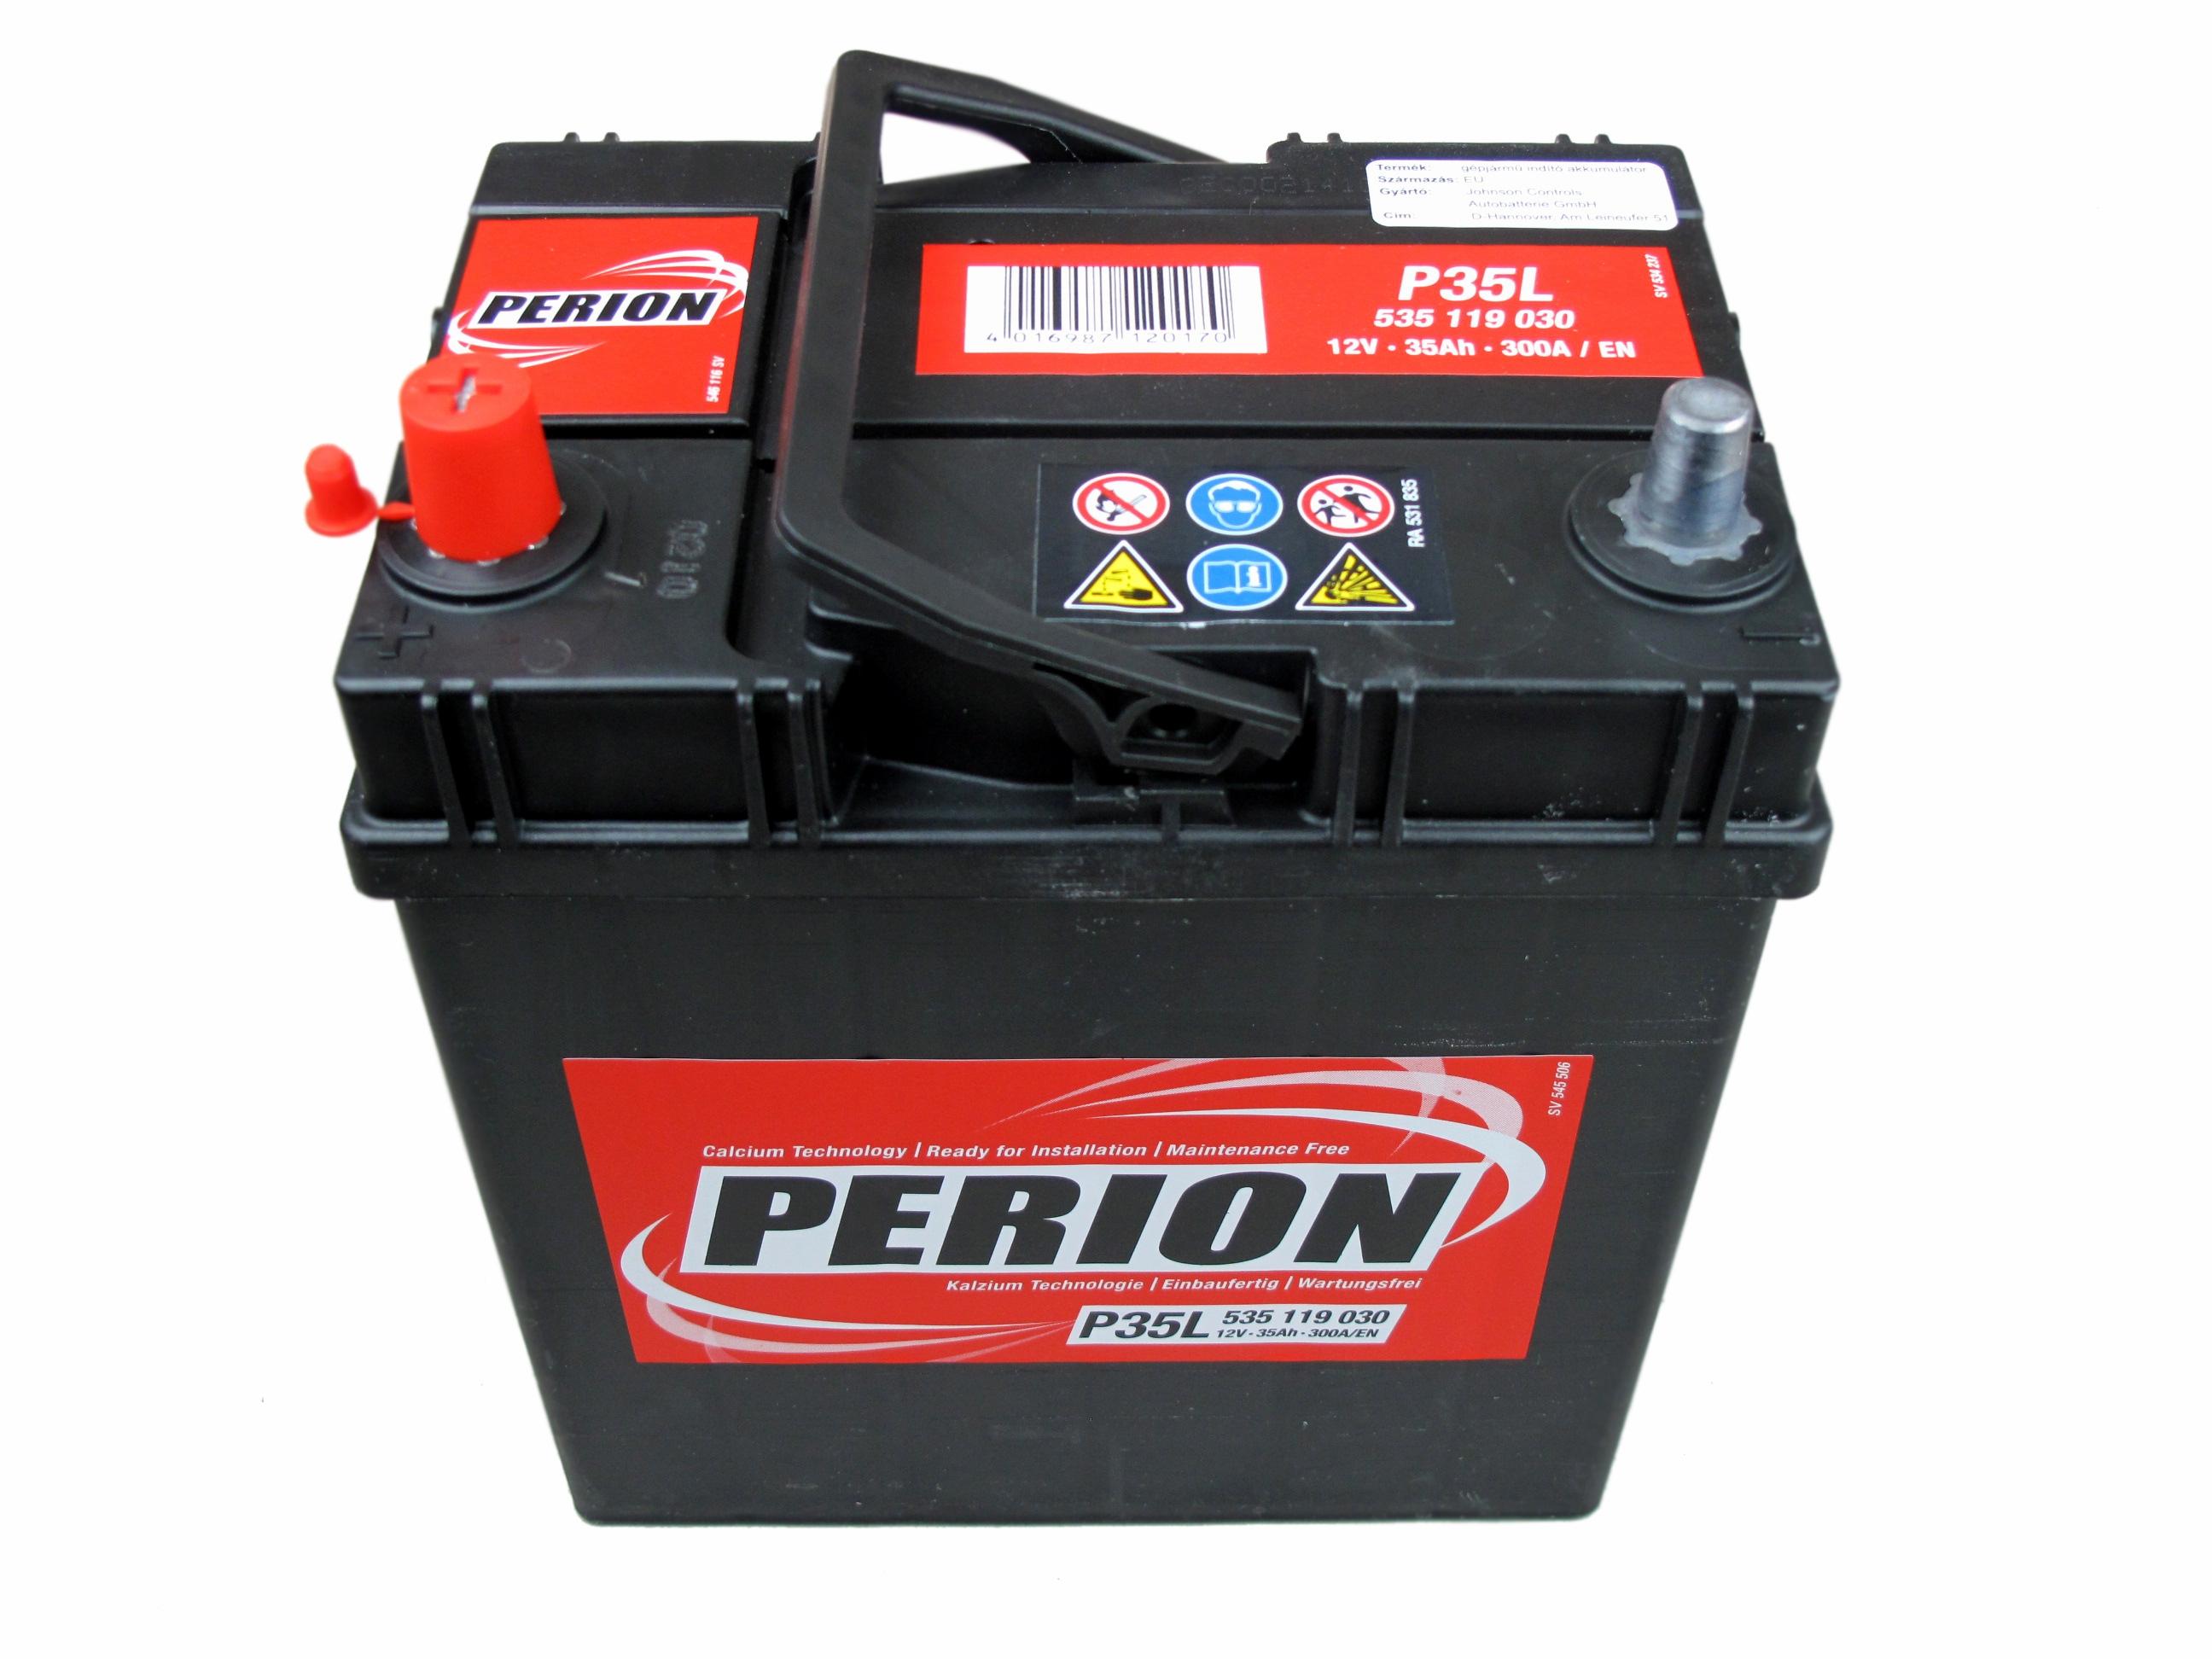 PERION Perion - 12v 35ah - autó akkumulátor - bal+ *ázsia*vékonysarus